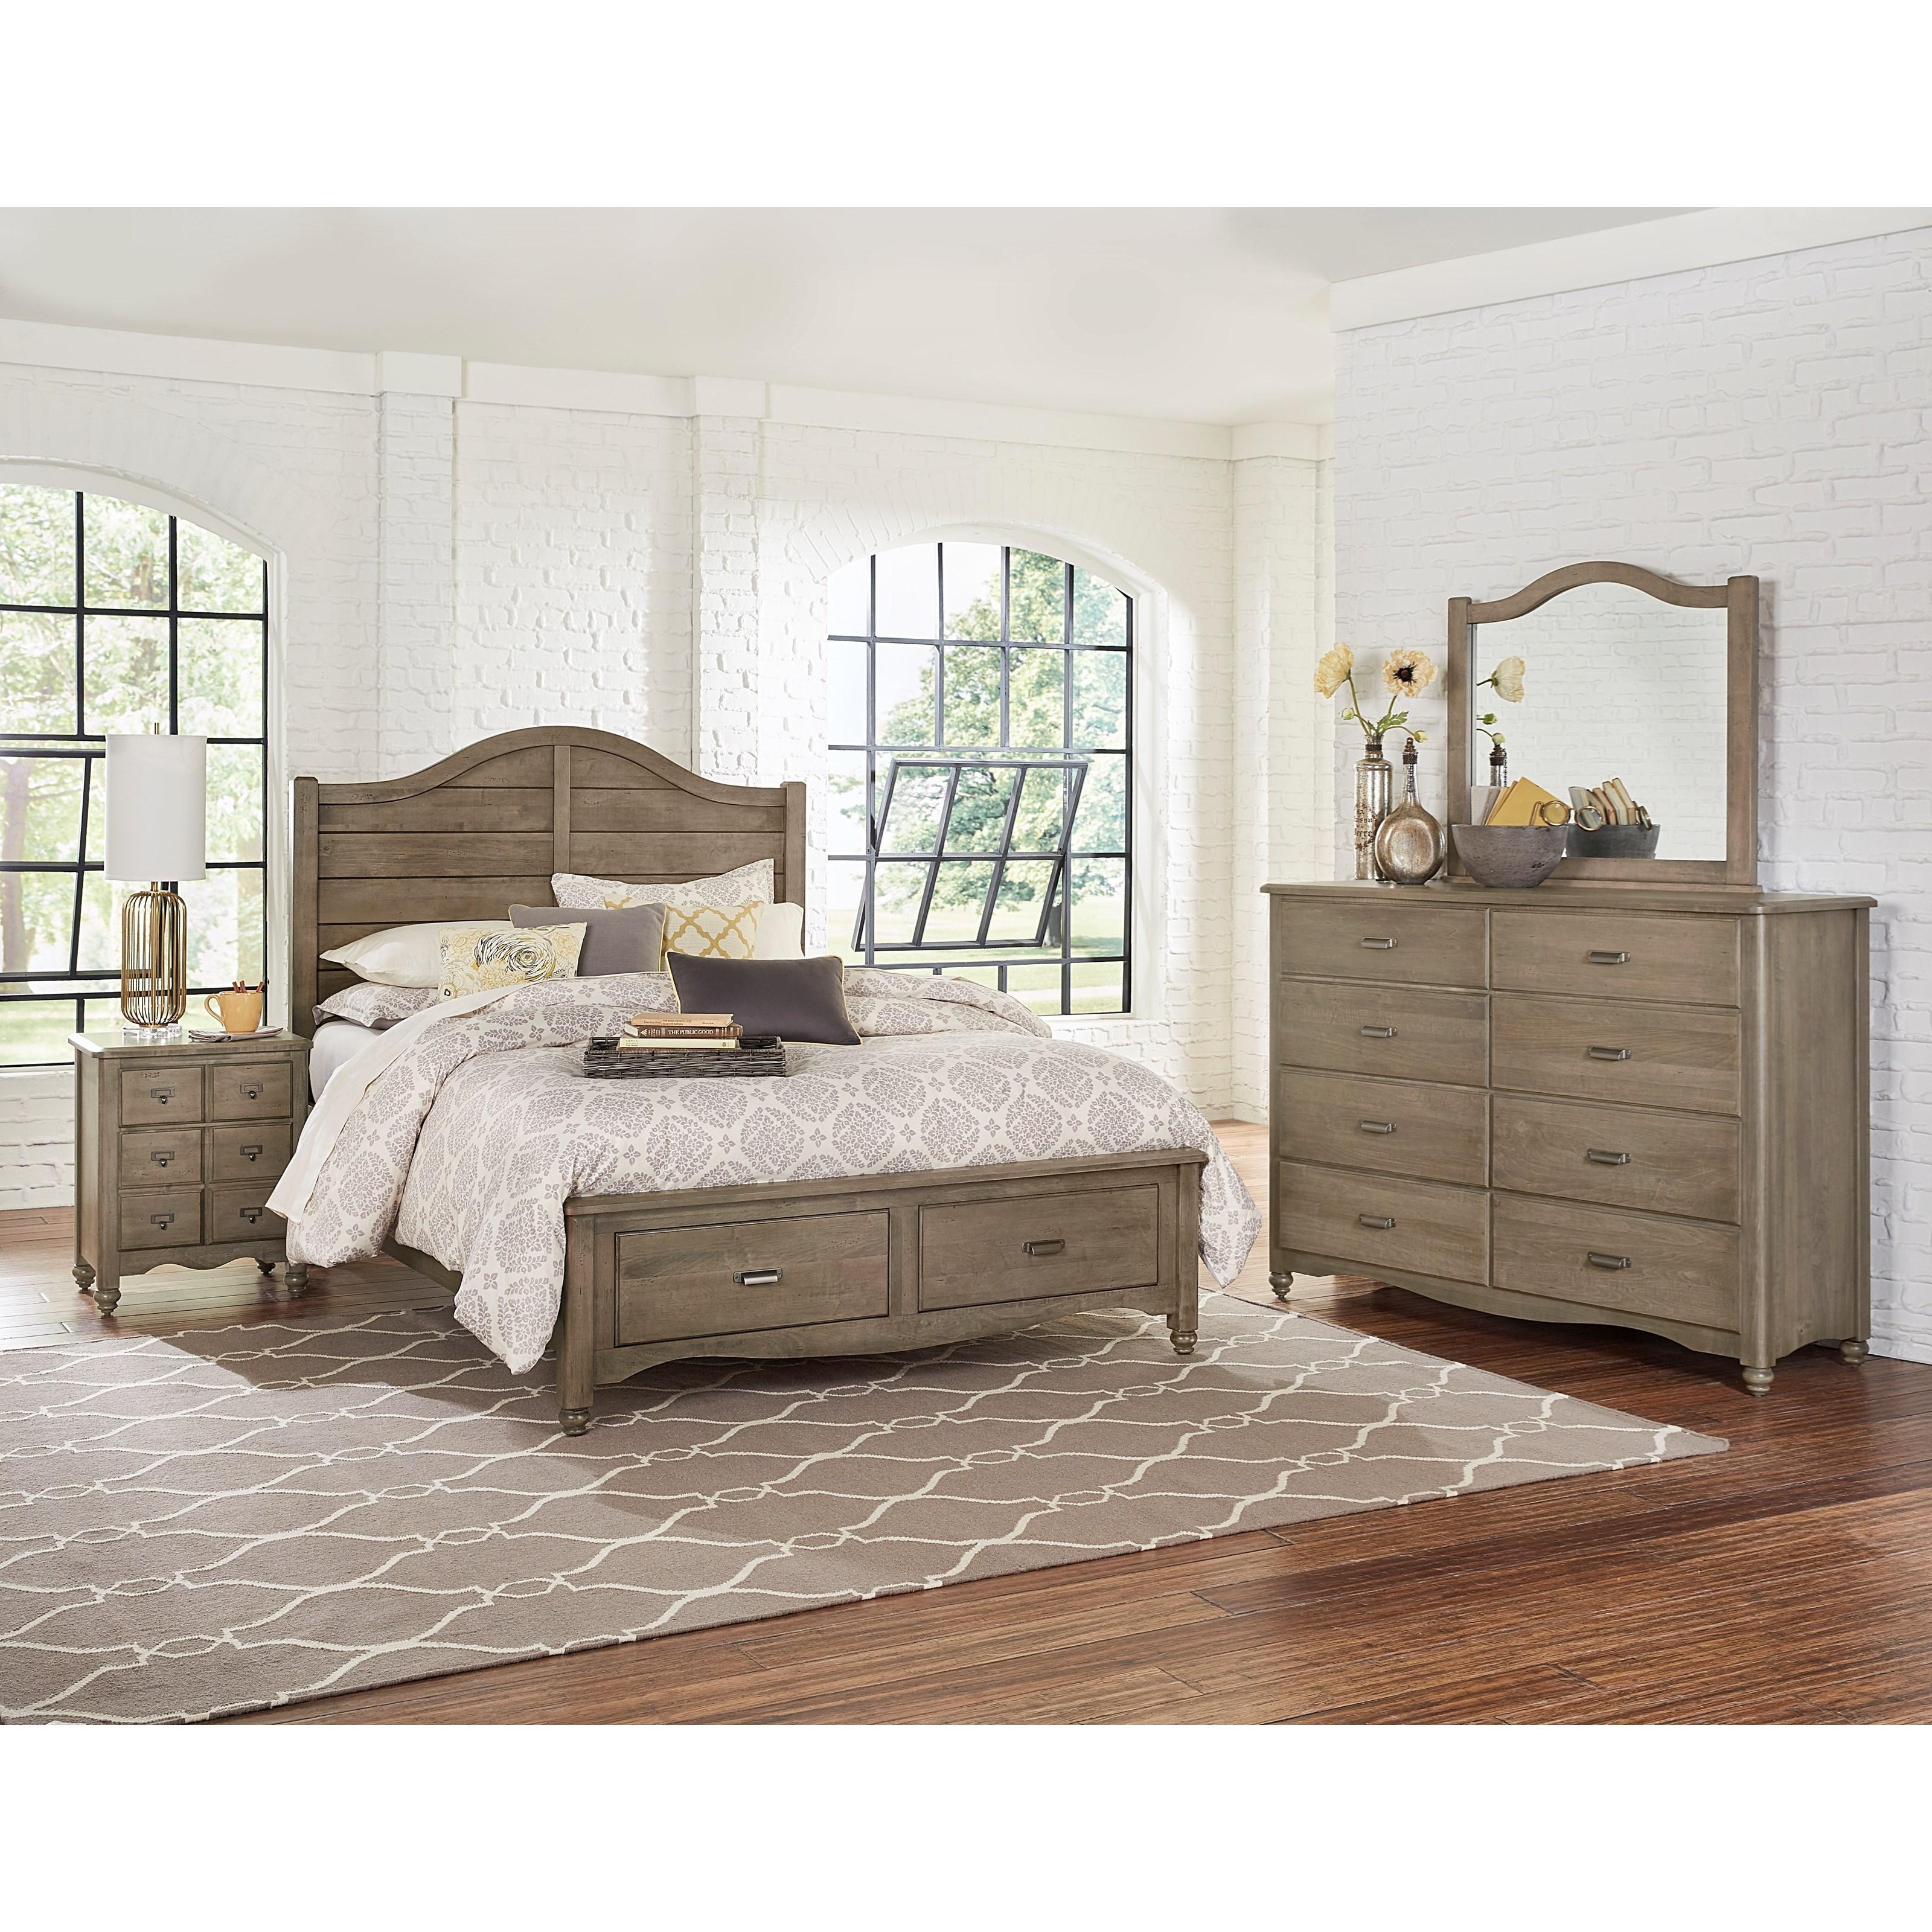 Vaughan Bassett American Maple Queen Bedroom Group - Item Number: 401 Q Bedroom Group 4